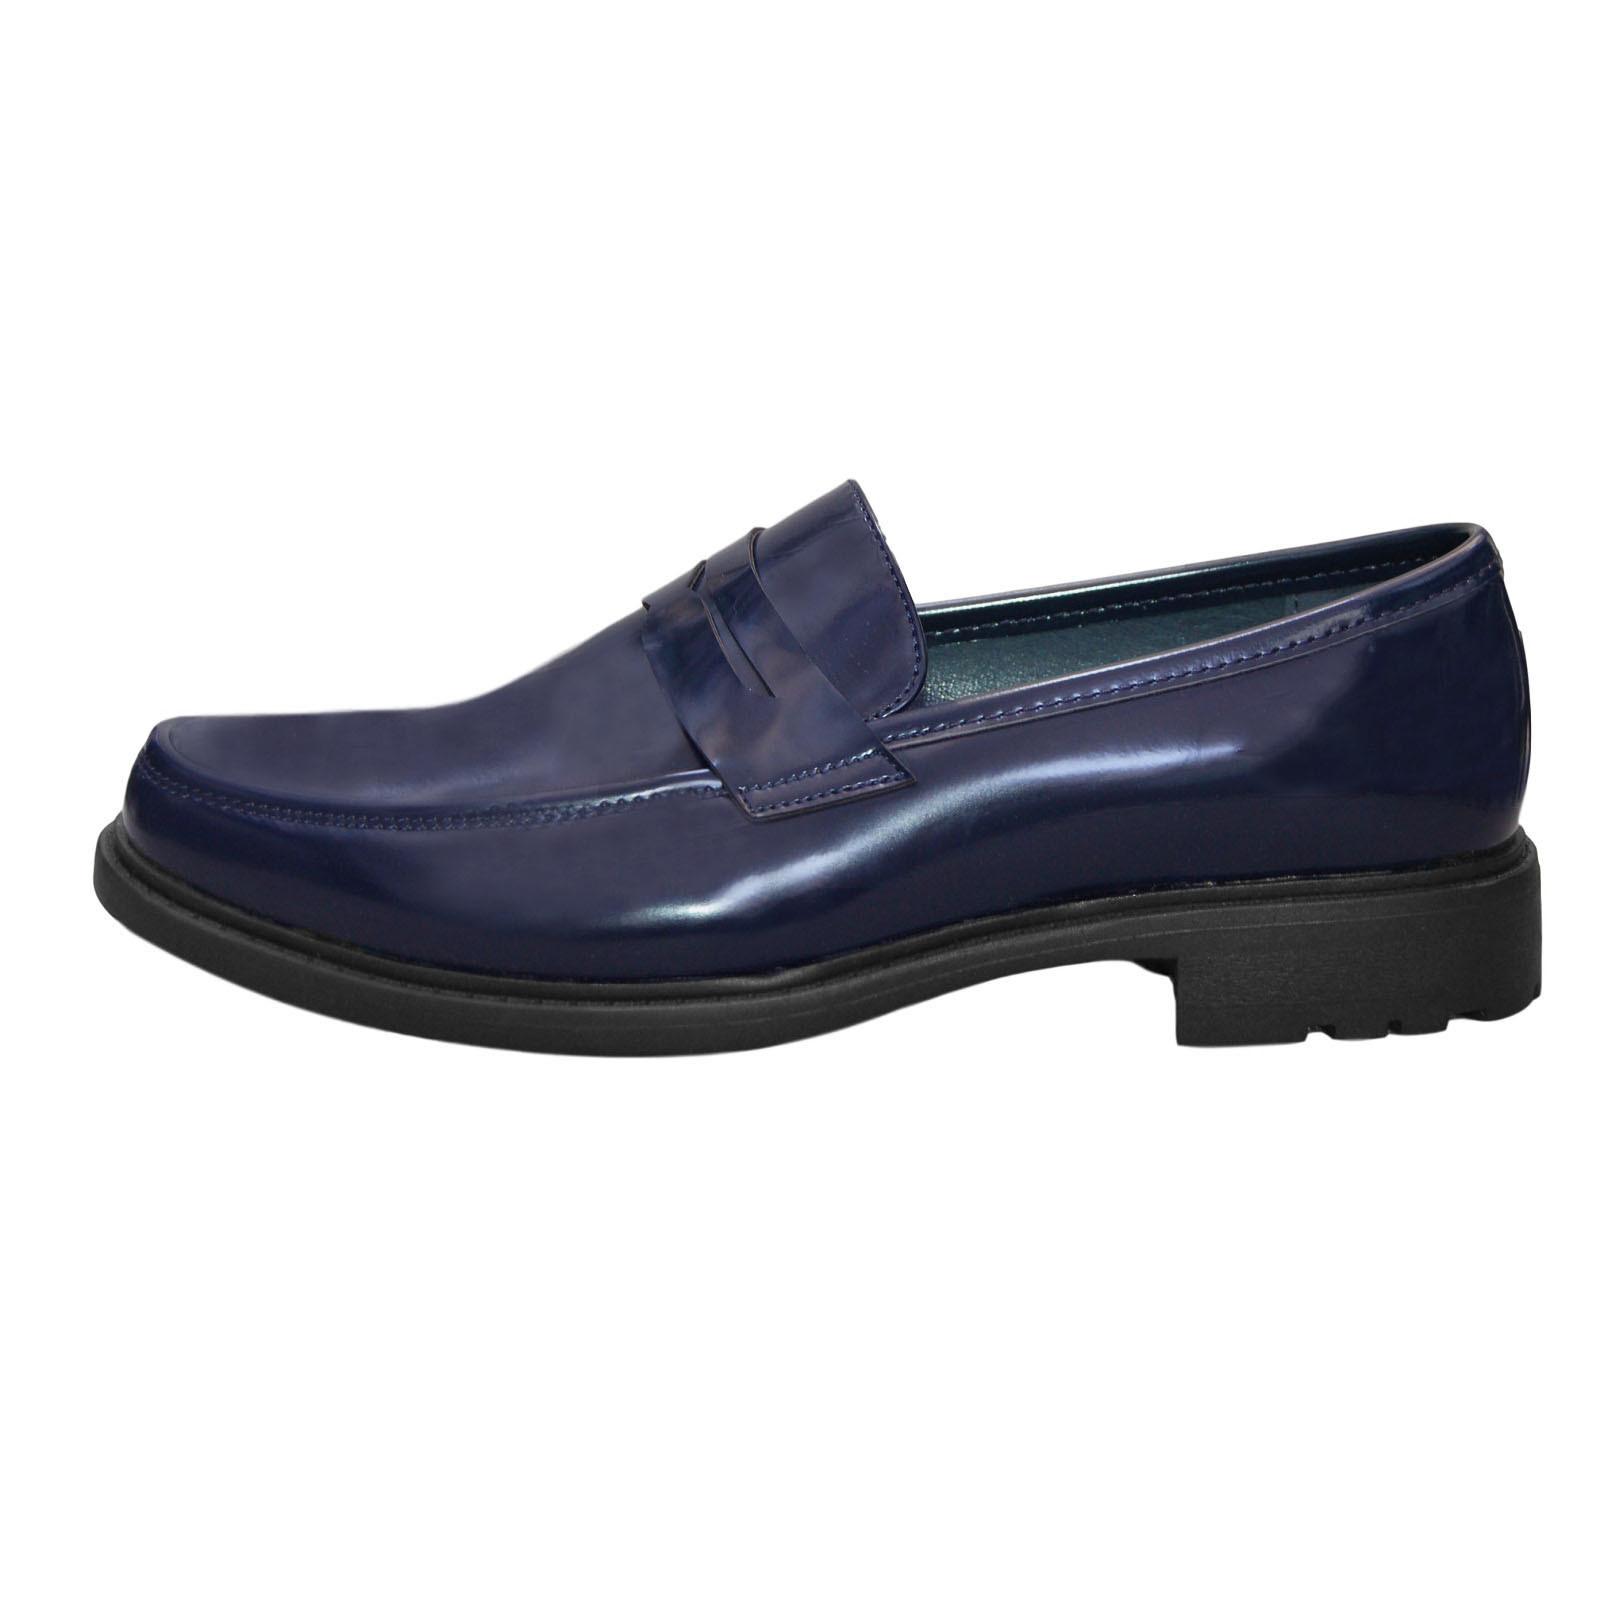 Mocassini-Uomo-Pelle-Blu-Nero-Scarpe-Eleganti-Classiche-Mocassino-Cerimonia miniatura 12